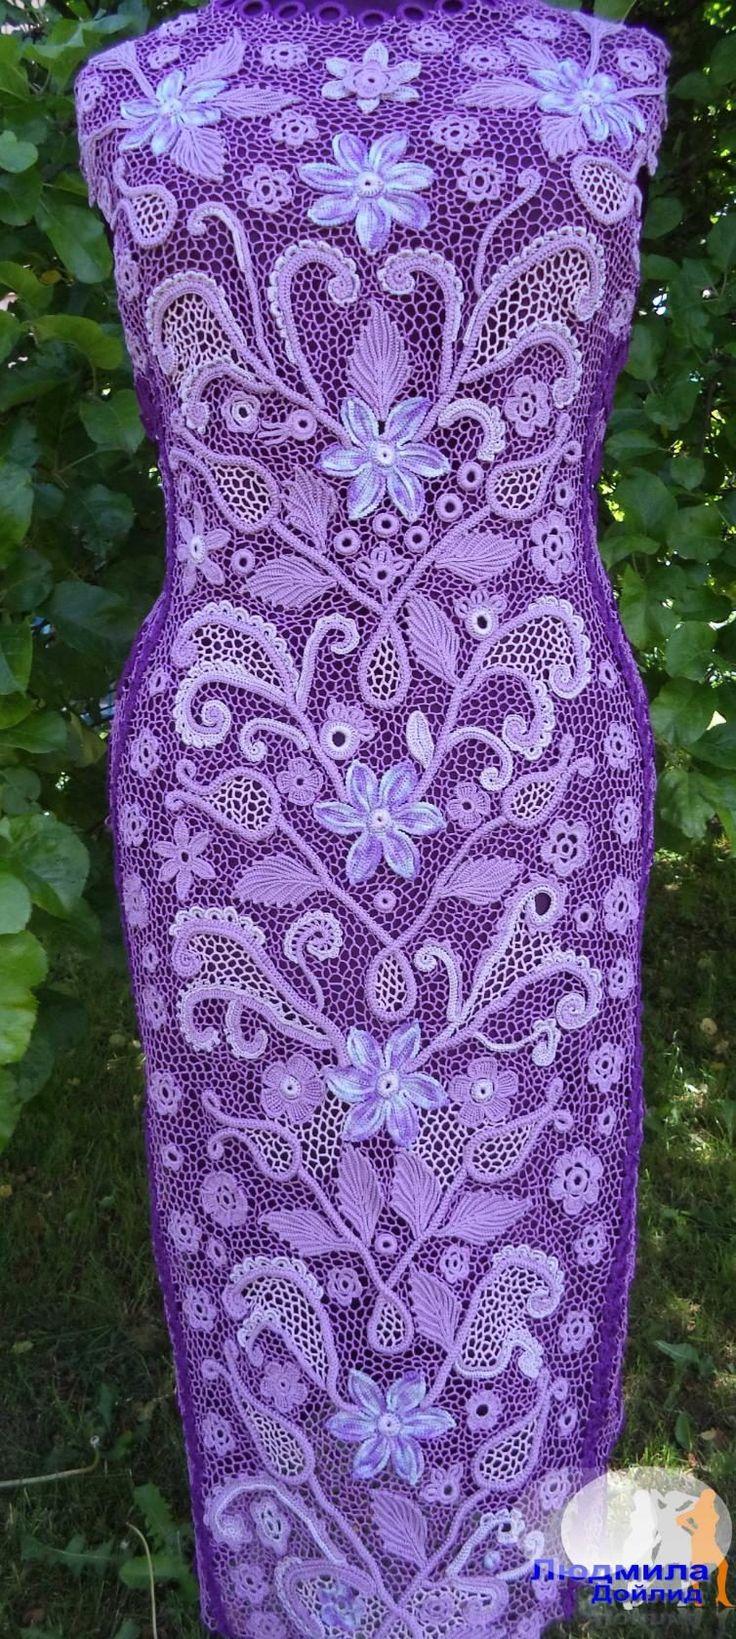 Прекрасное платье ирландским кружевом от Людмила Дойлид. Обсуждение на…